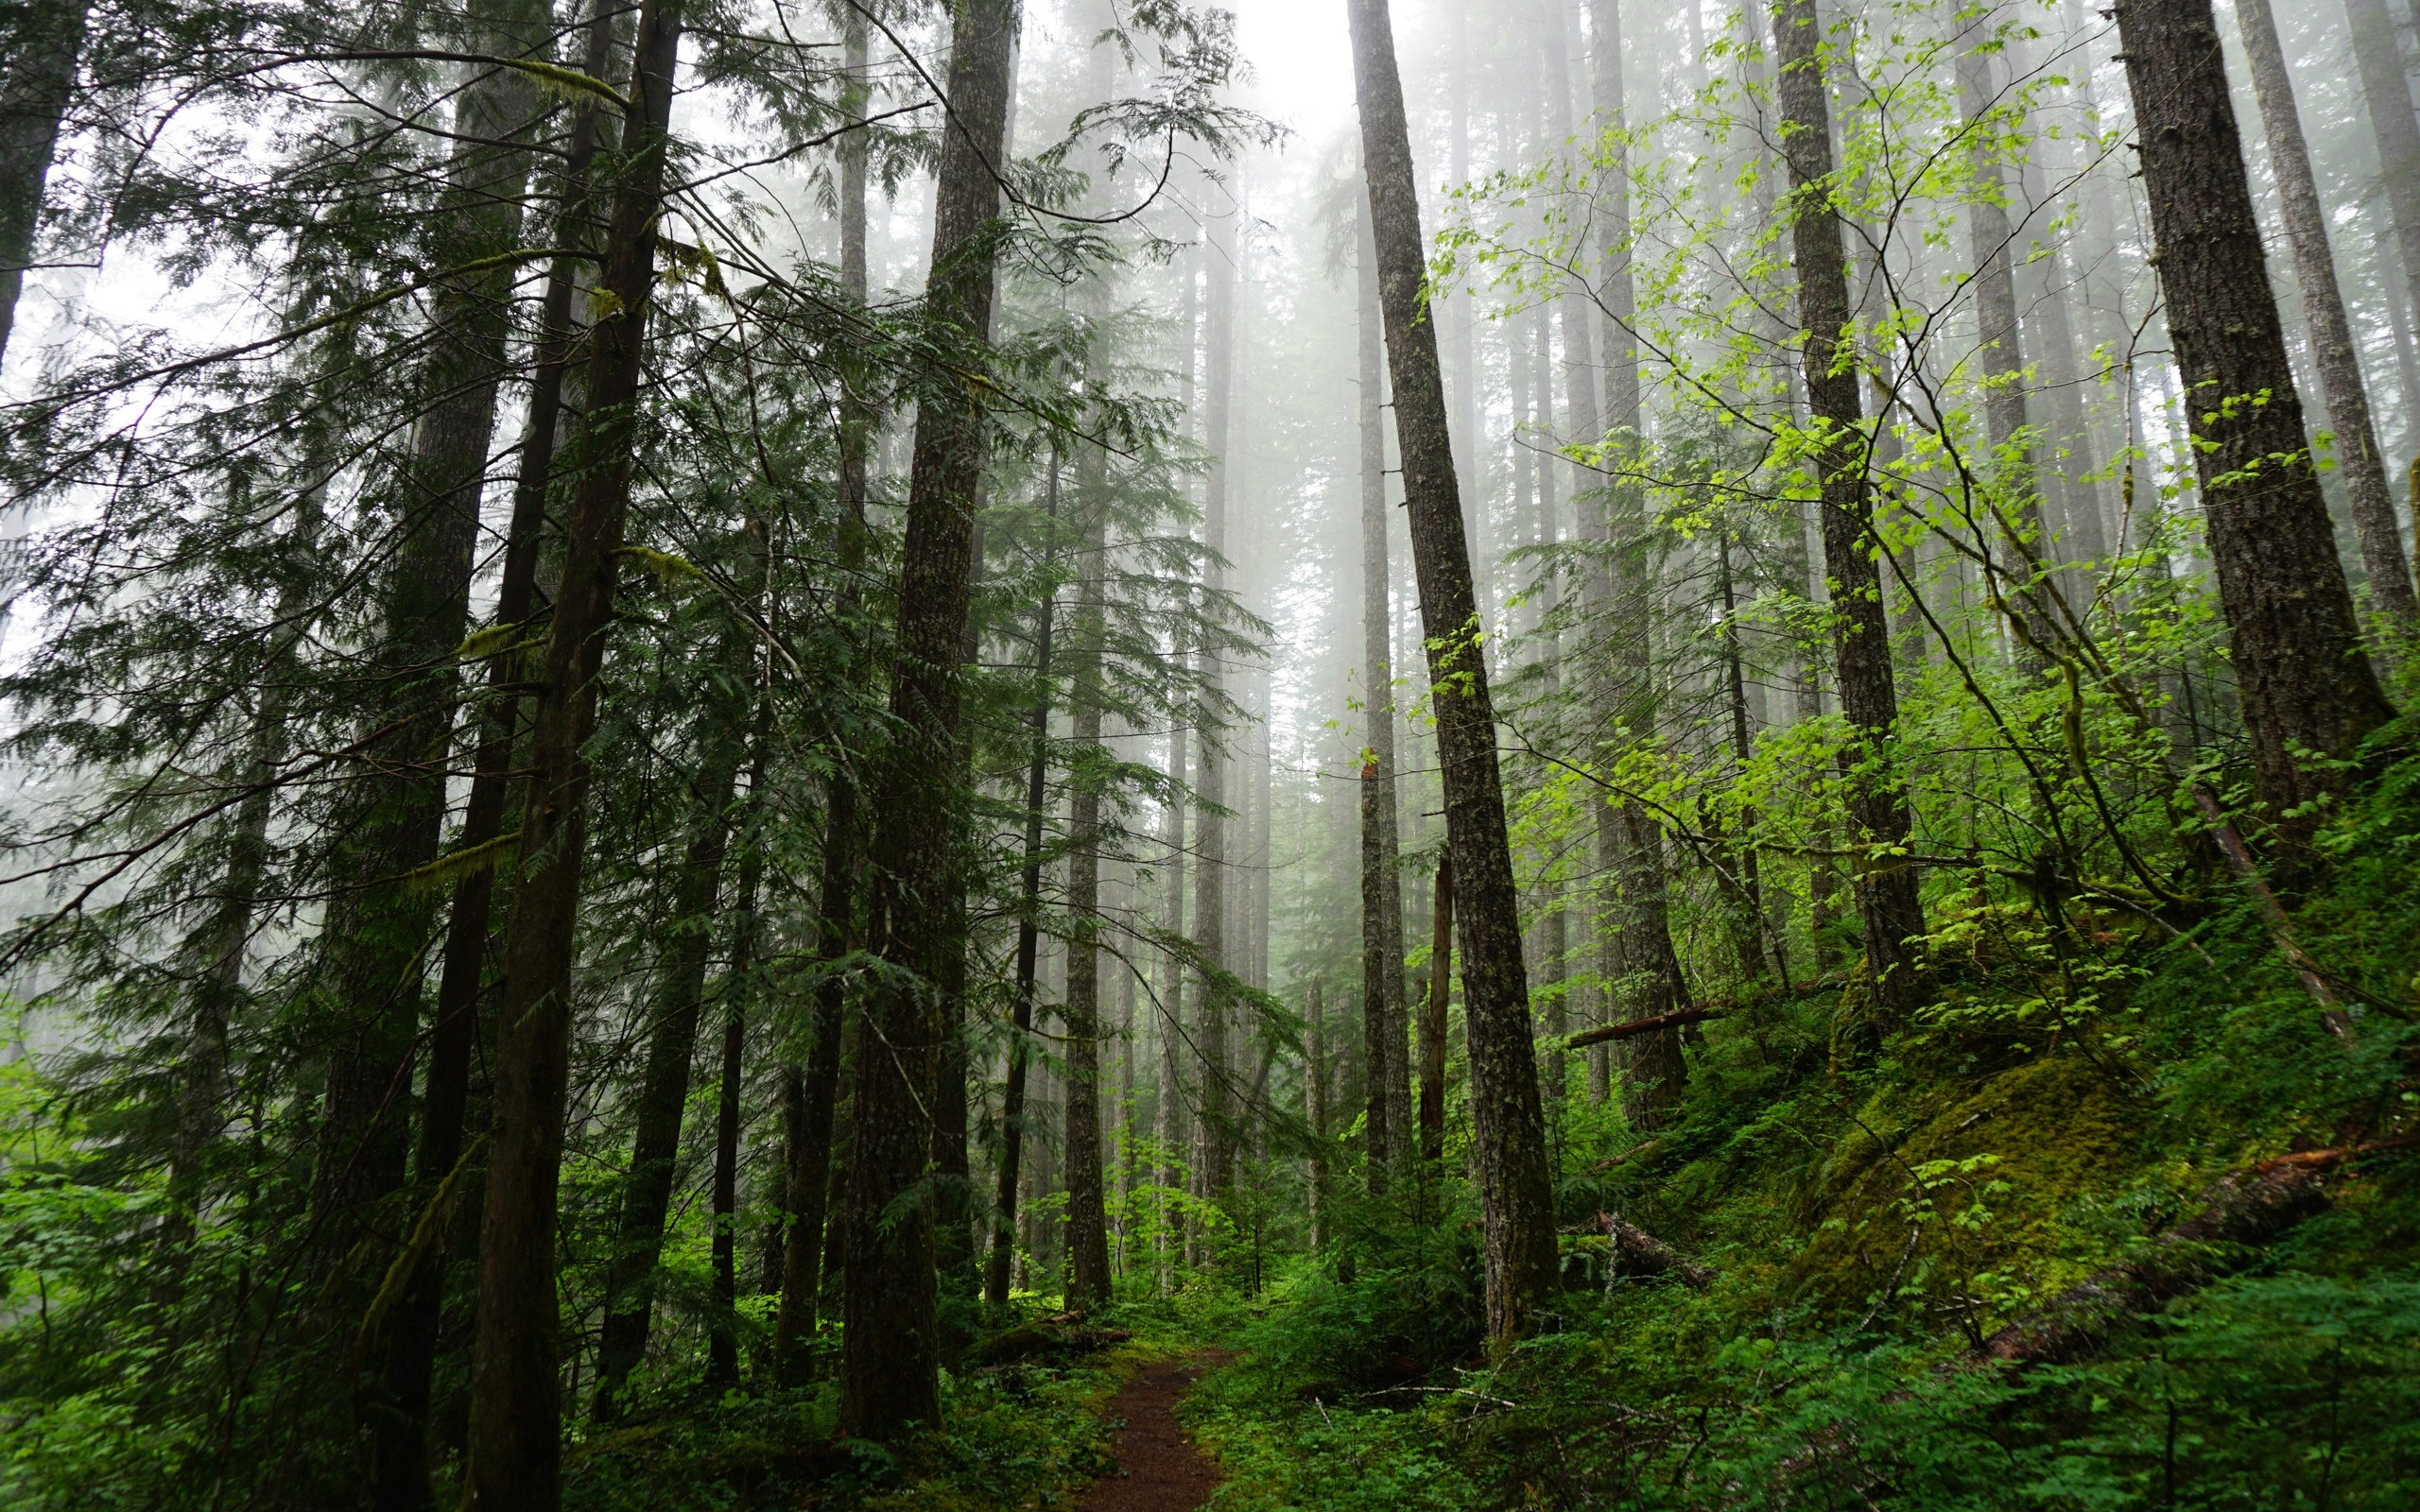 лес, деревья, ель, тропинка